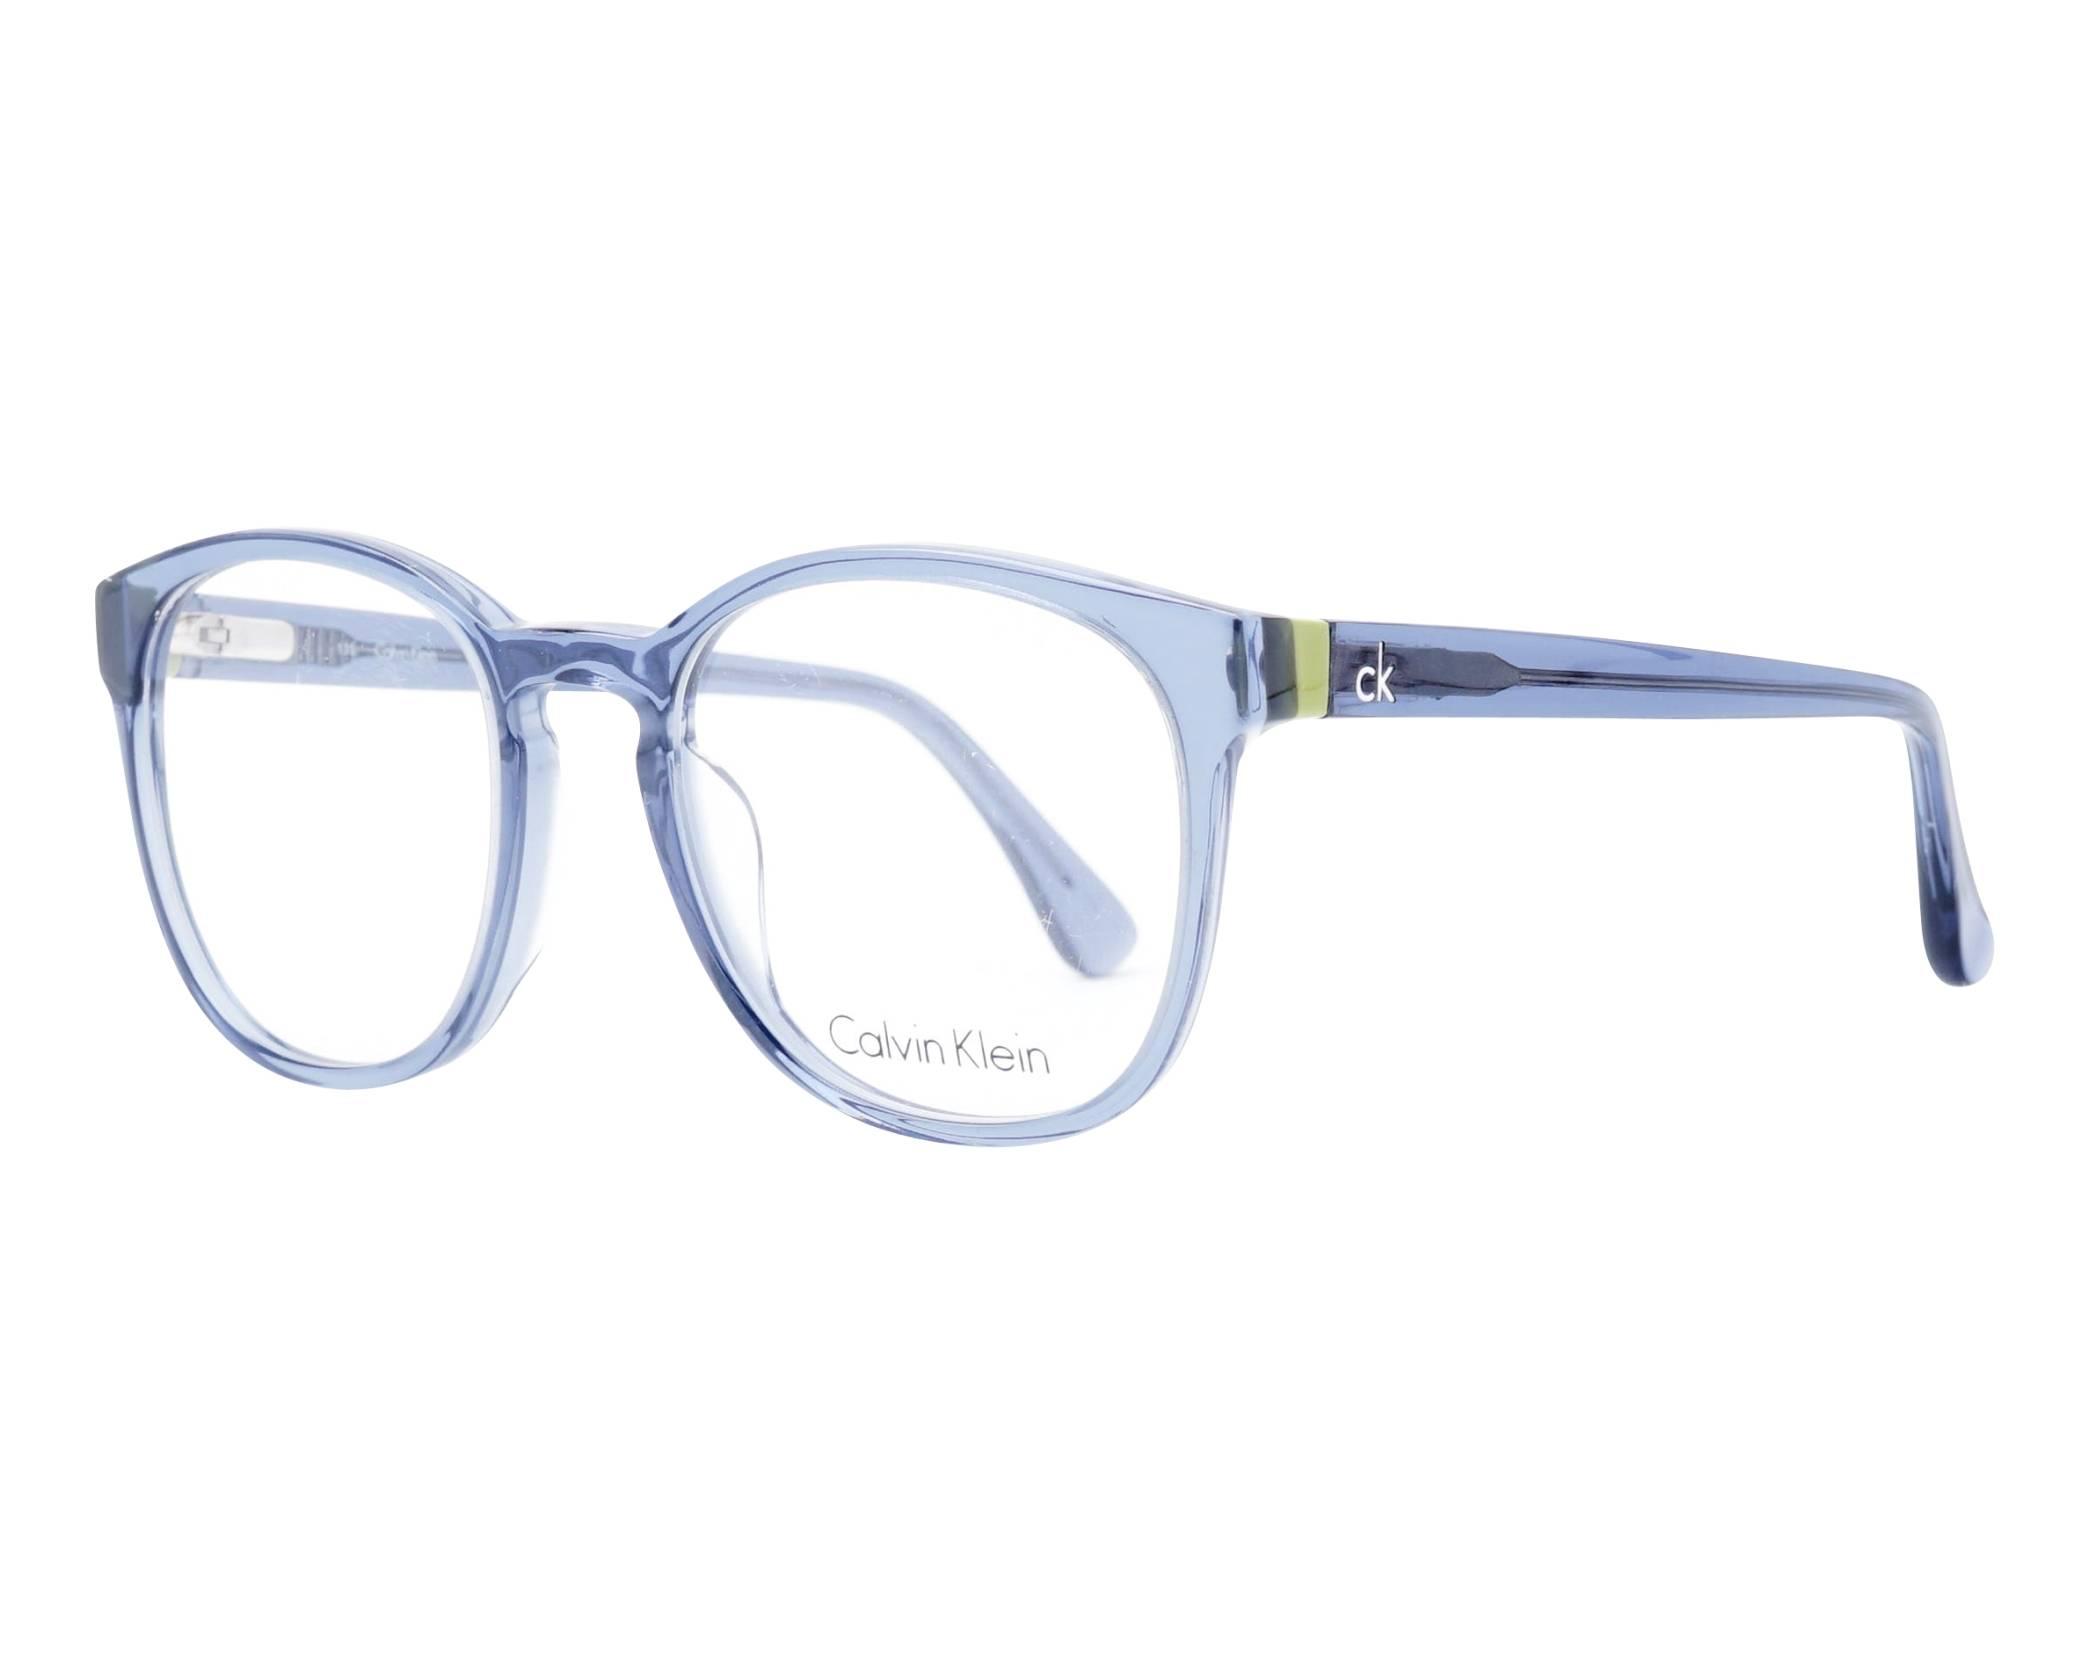 eb4a1d8295 Gafas Graduadas Calvin Klein CK-5880 423 51-20 Azul vista de perfil